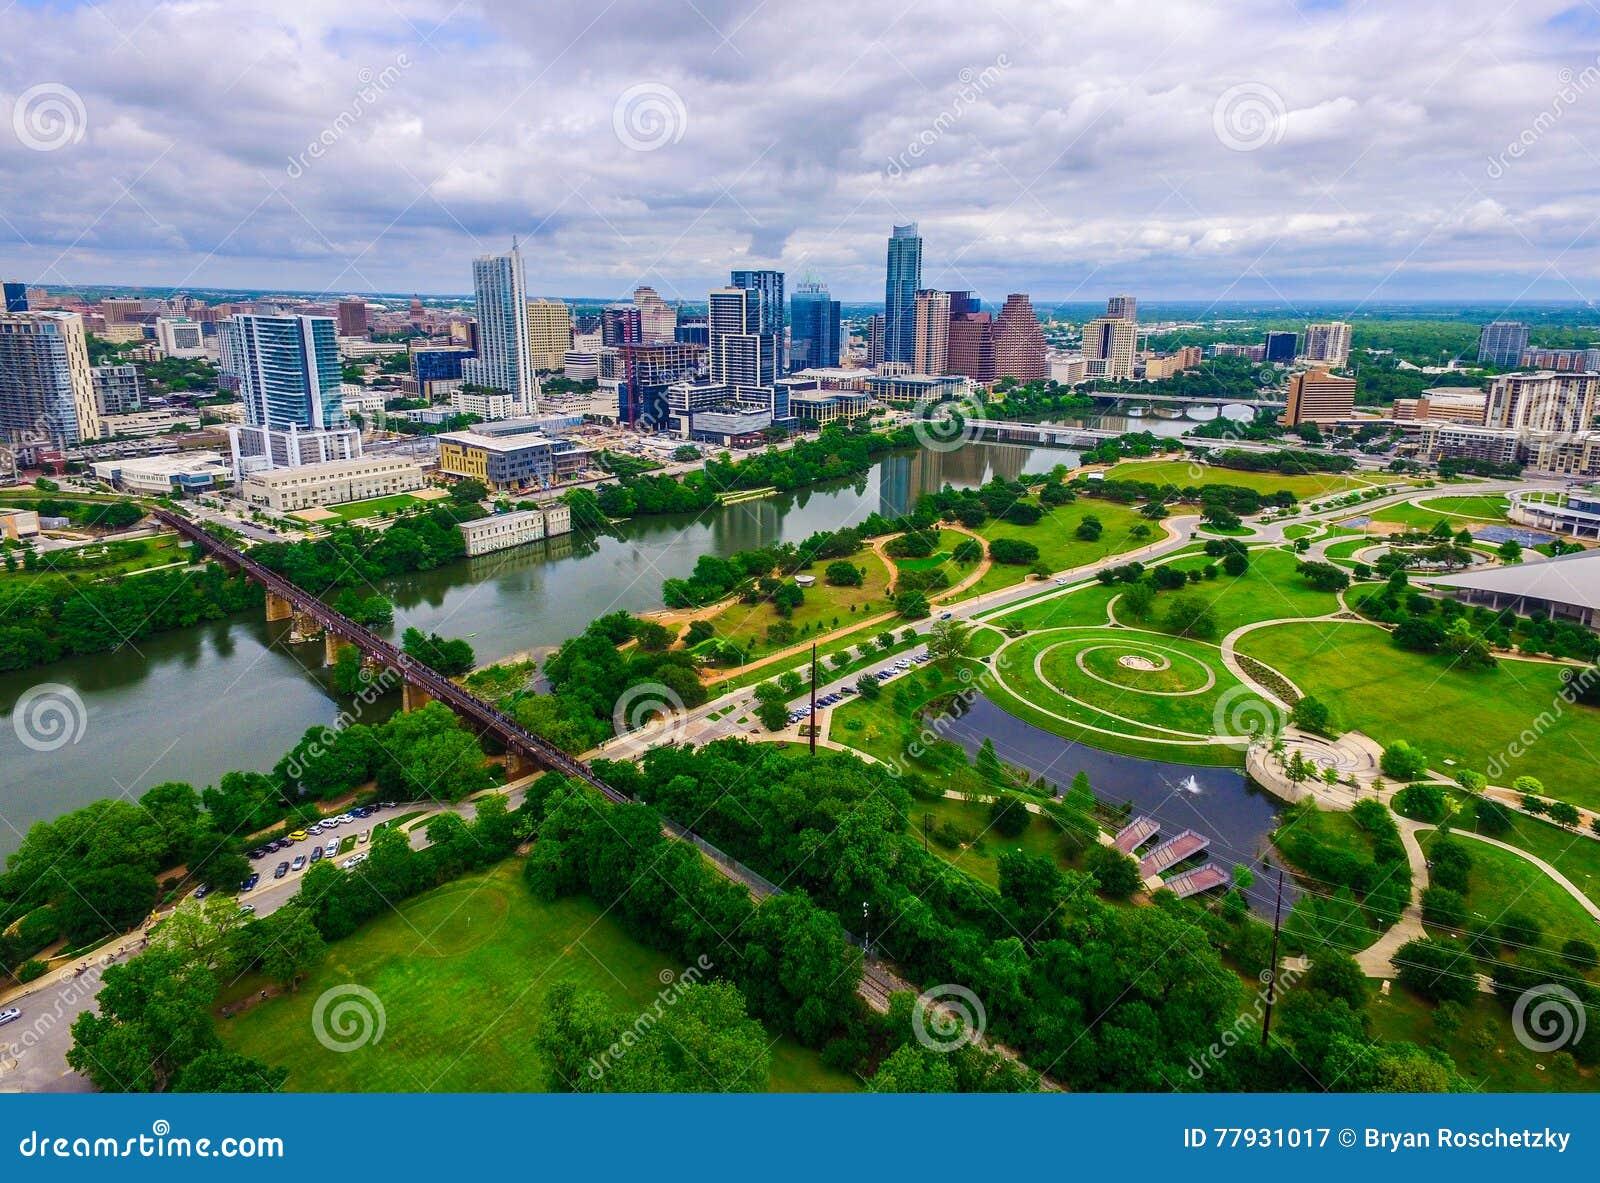 在奥斯汀得克萨斯现代男管家公园首都地平线视图的广角绿色天堂